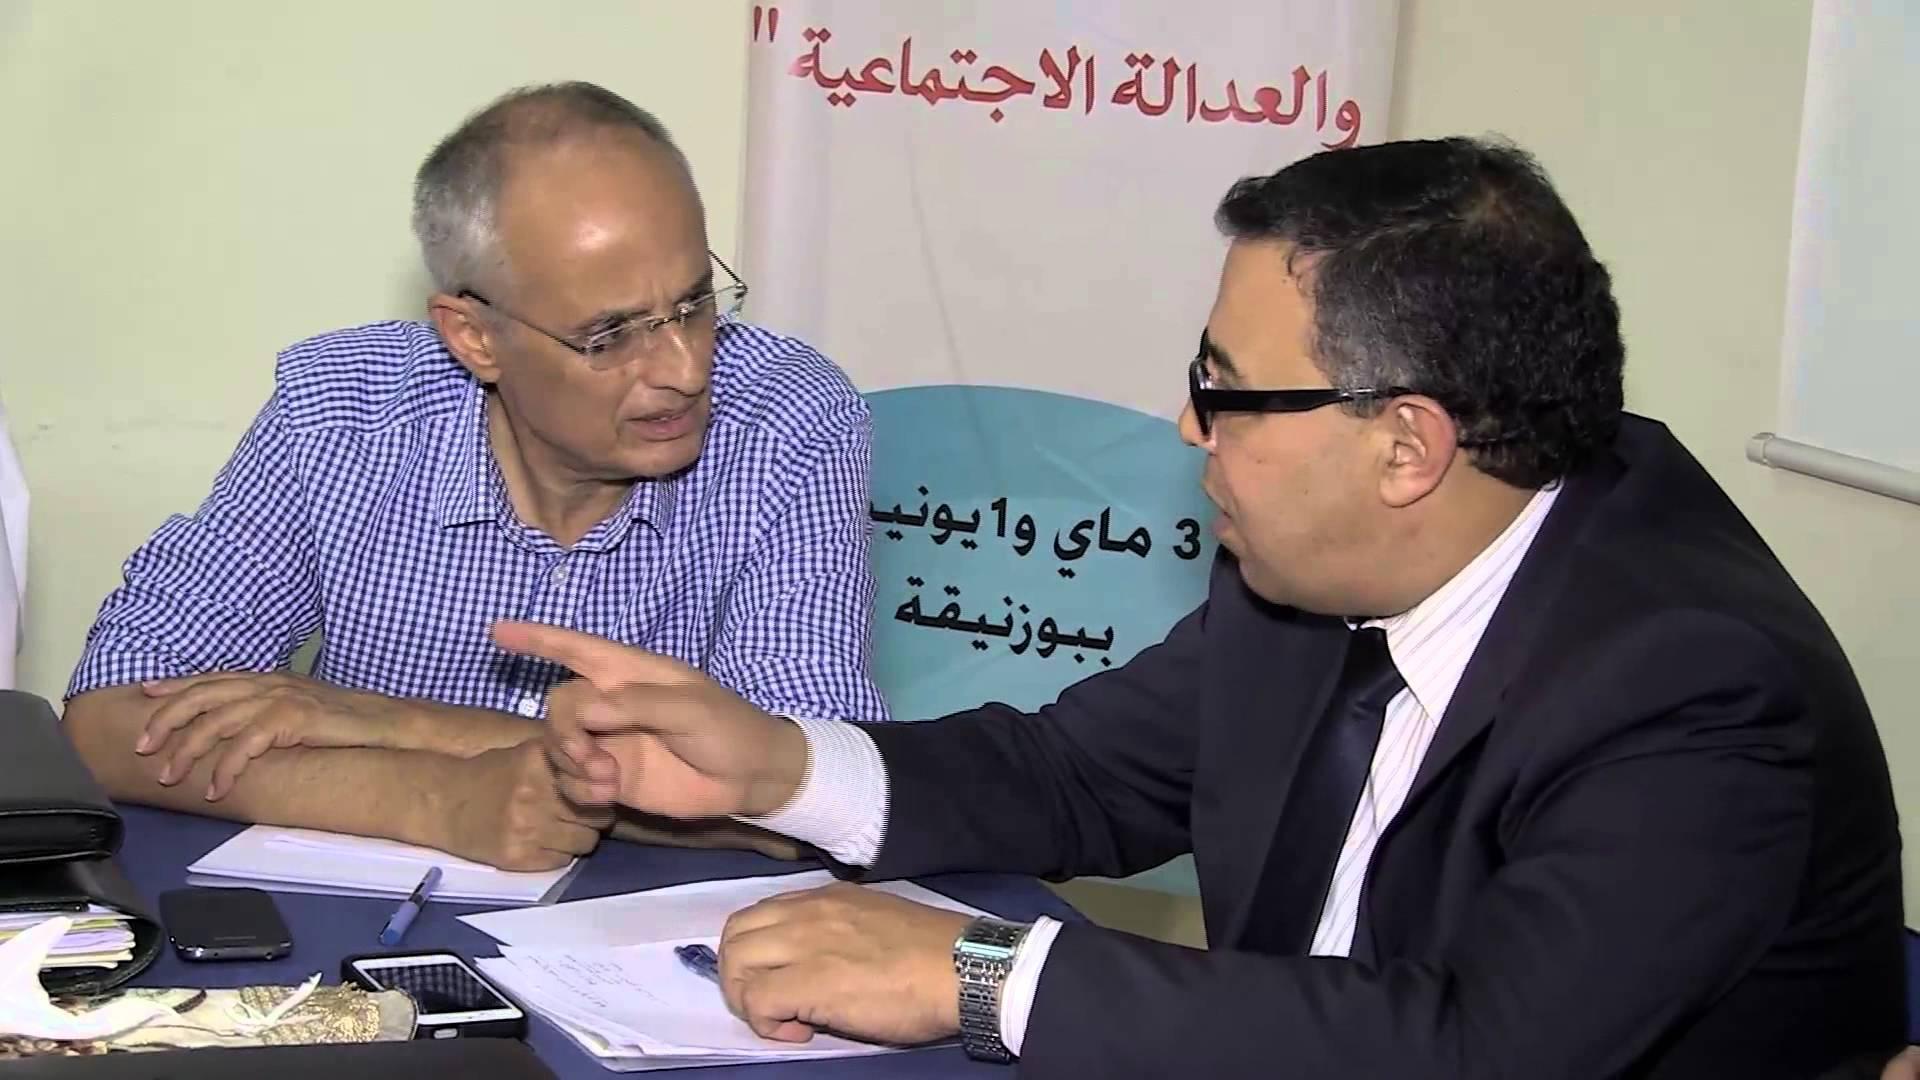 بلعسال: منع الرميد  لرئيس لجنة العدل من التسيير  أمر لا أخلاقي